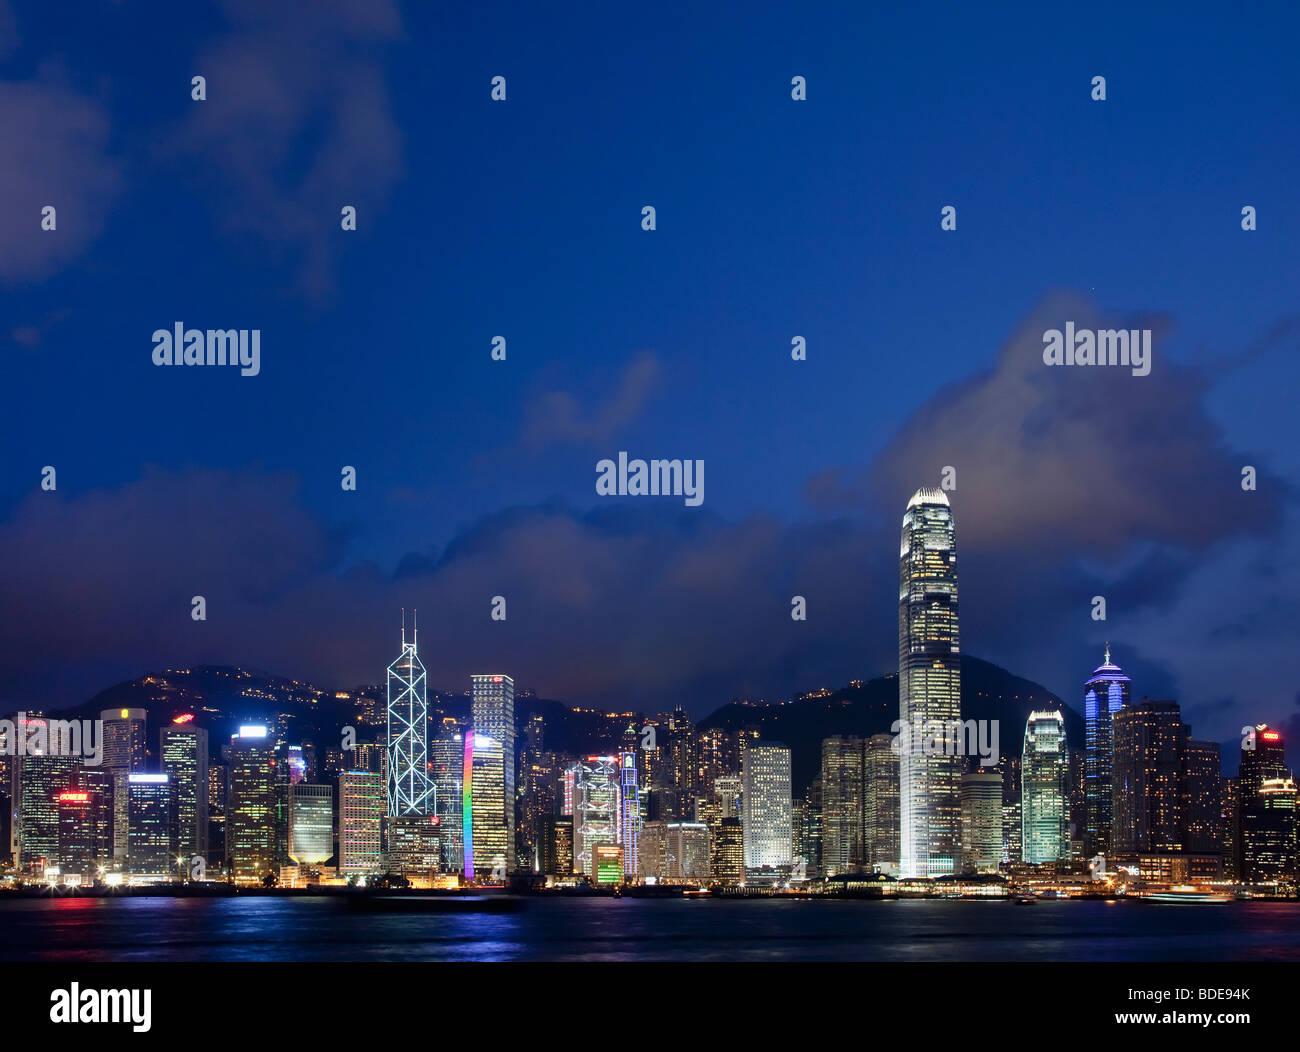 Vue sur le port de Victoria d'immeubles de grande hauteur dans la nuit à Hong Kong, Chine. Photo Stock